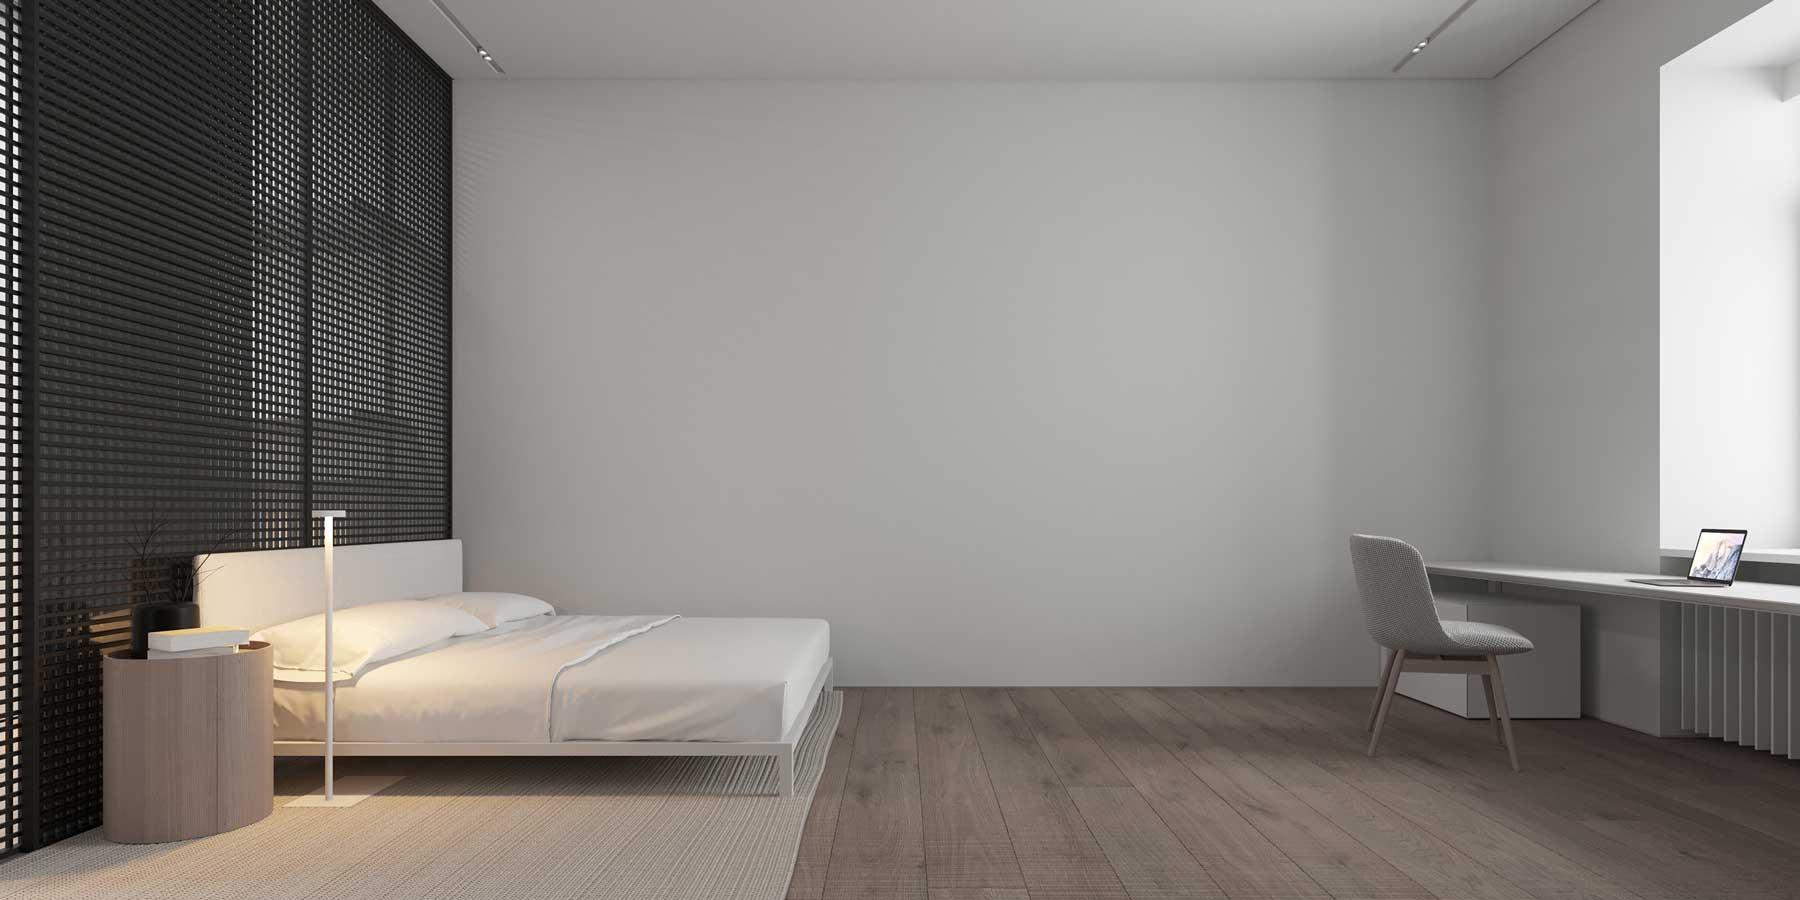 Une grande chambre minimaliste uniquement dotée d'un lit, d'une table de nuit et d'un bureau, avec des murs gris nus qui agrandissent l'espace